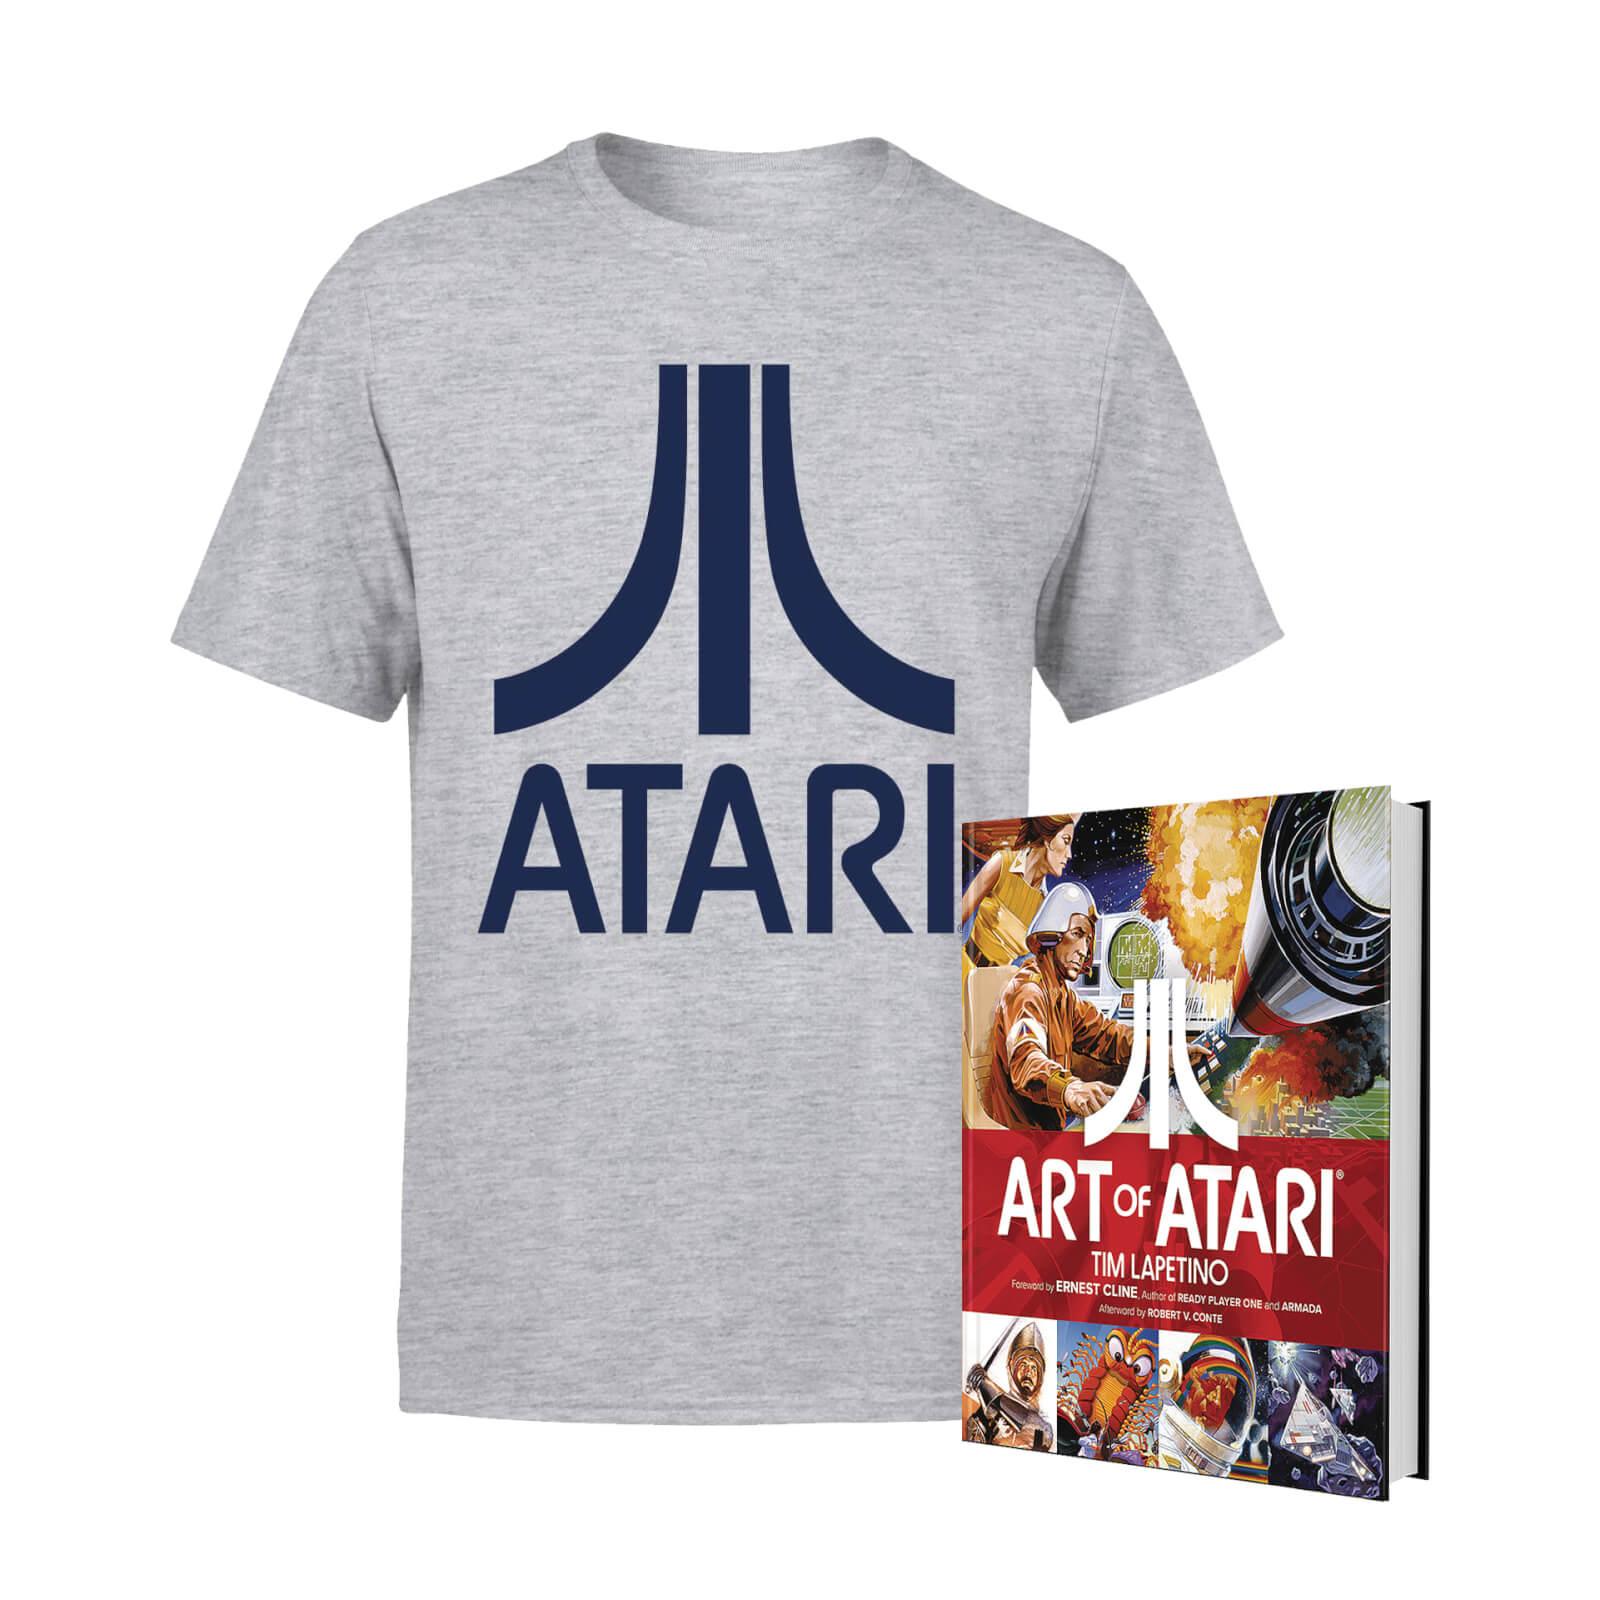 Lot Atari Officiel : T-shirt + Livre